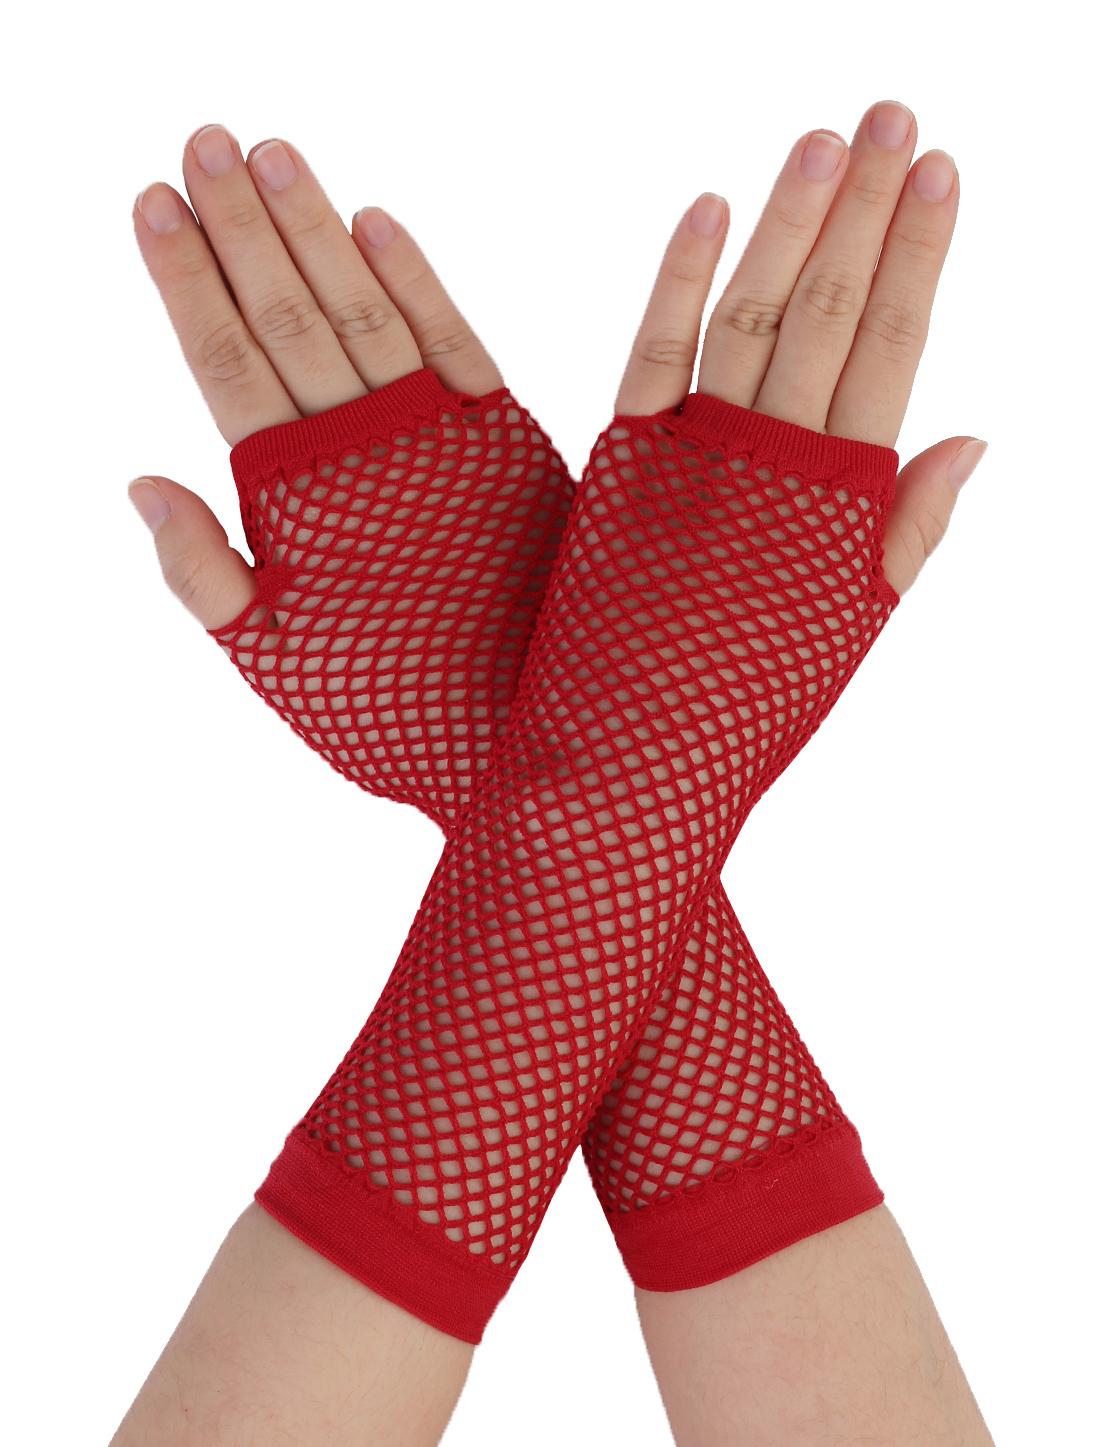 Pair Ladies Elastic Fishnet Fingerless Elbow Length Gloves Arm Warmers Red